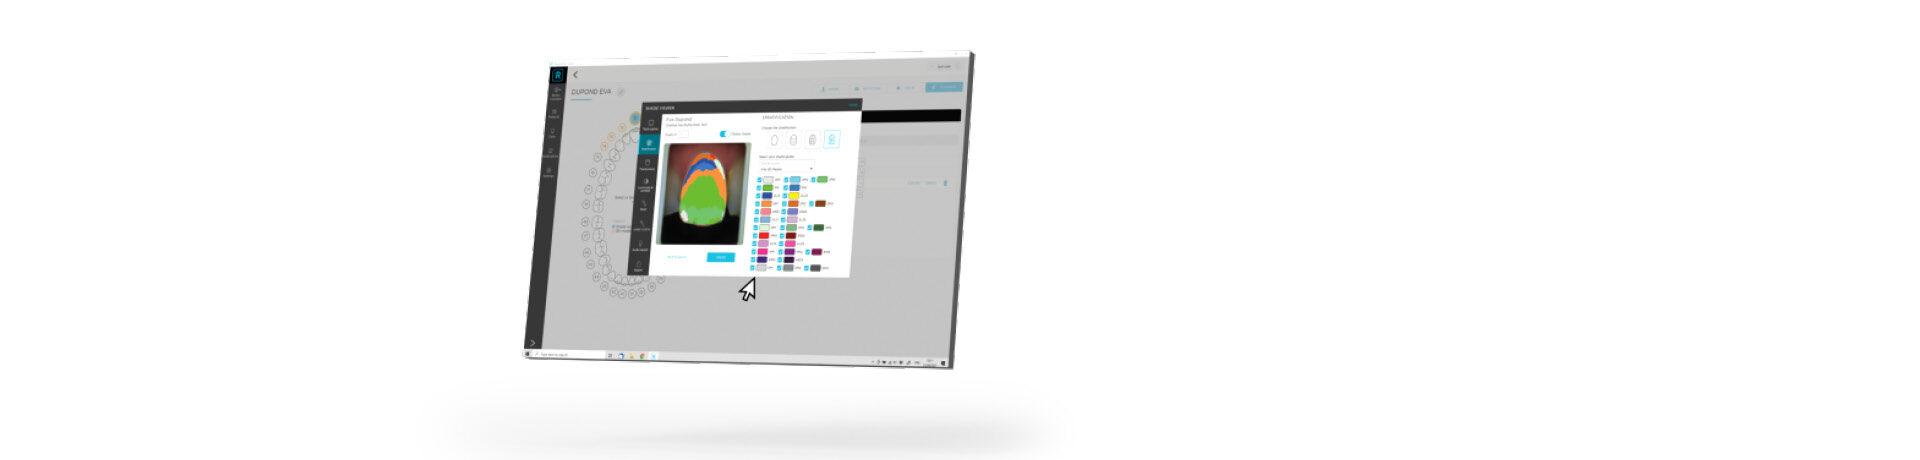 logiciel rayplicker vision